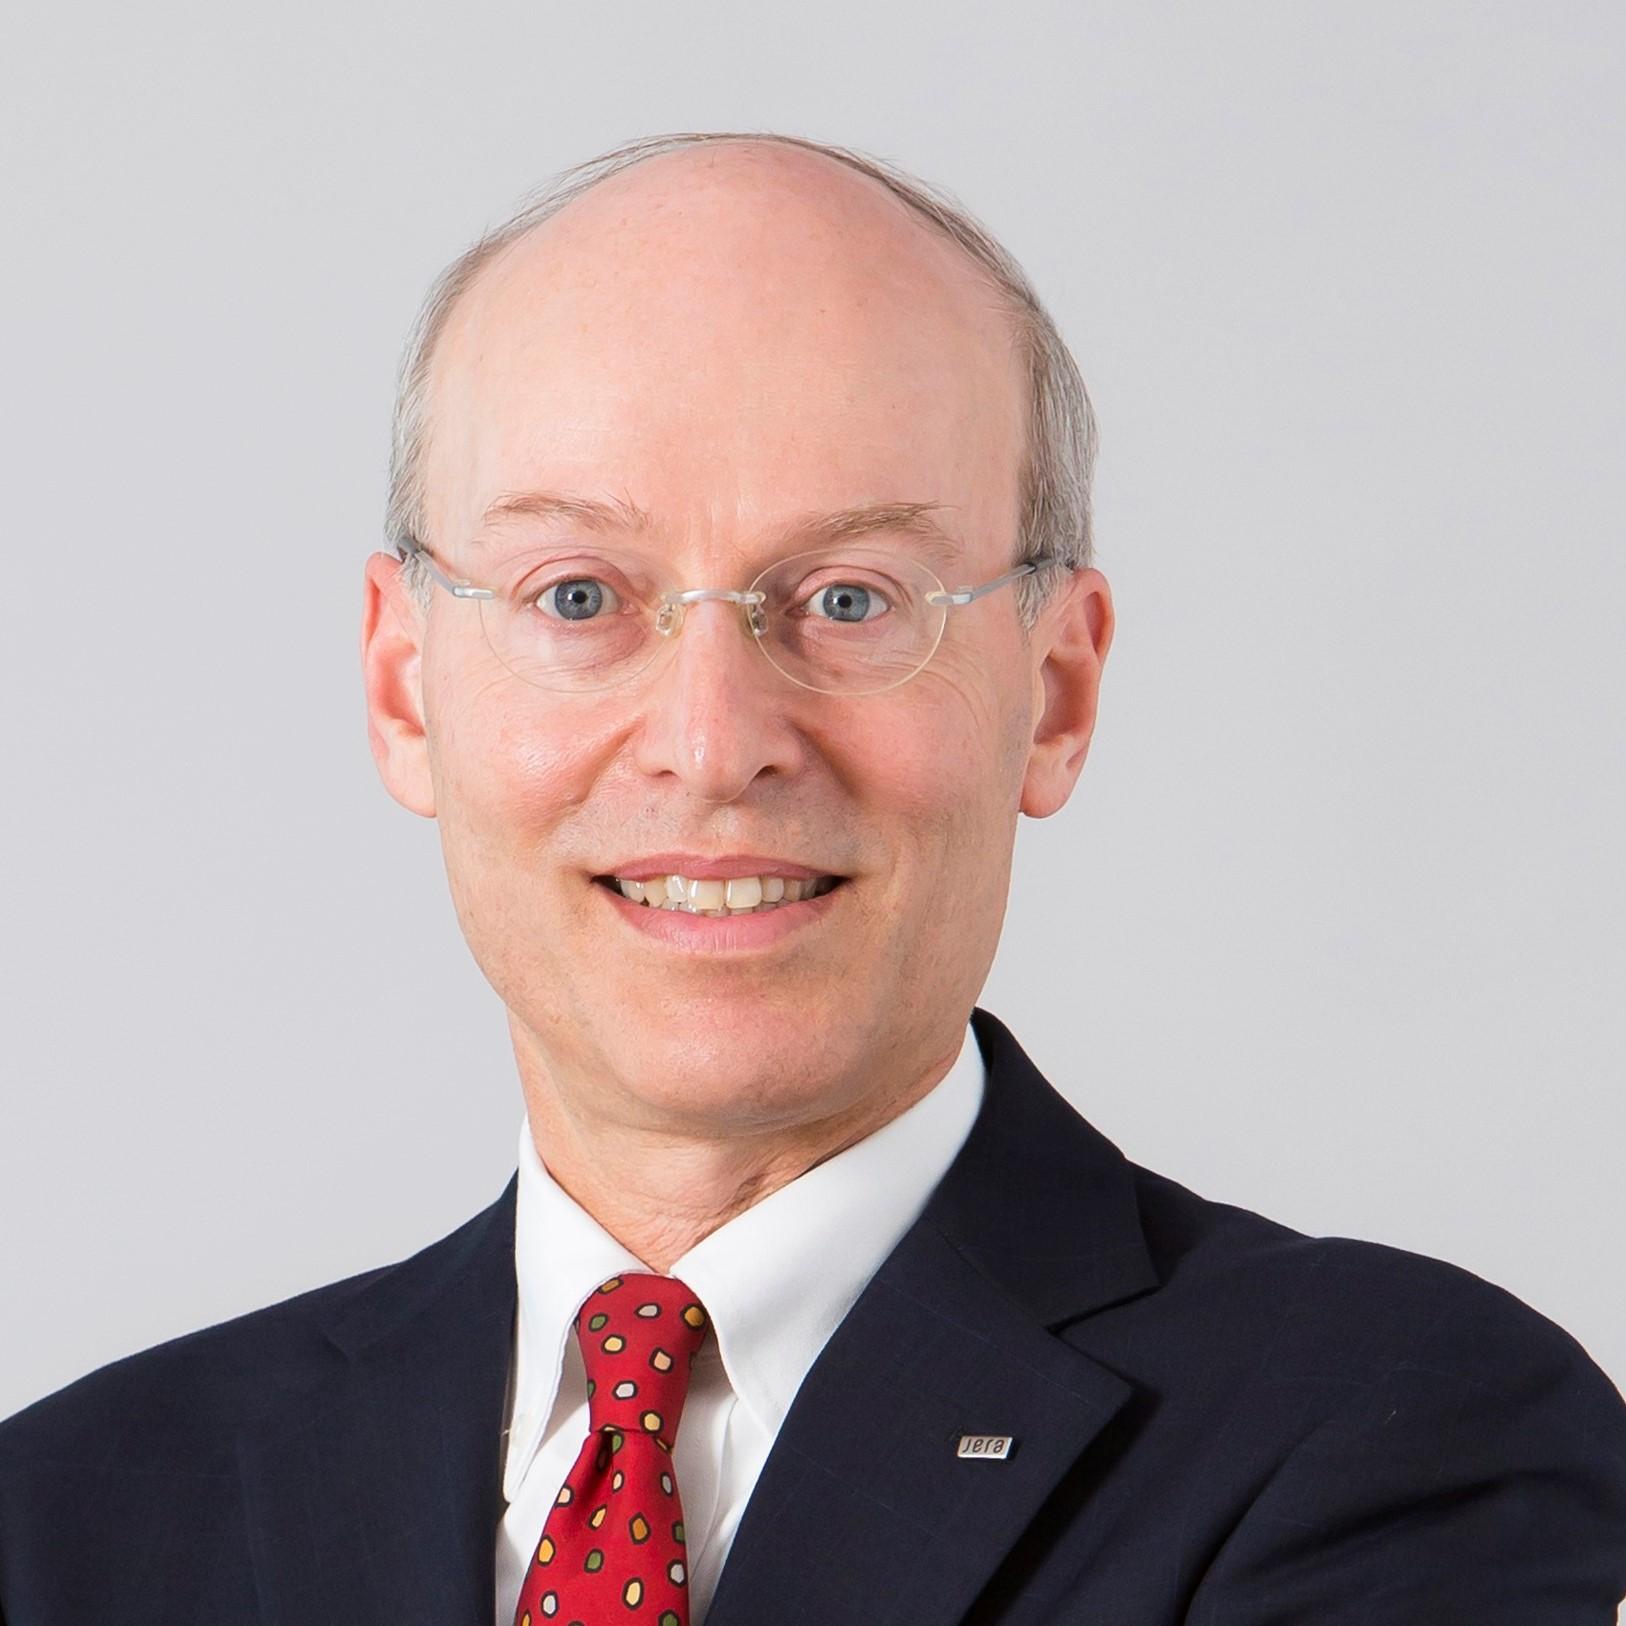 Hendrik Gordenker